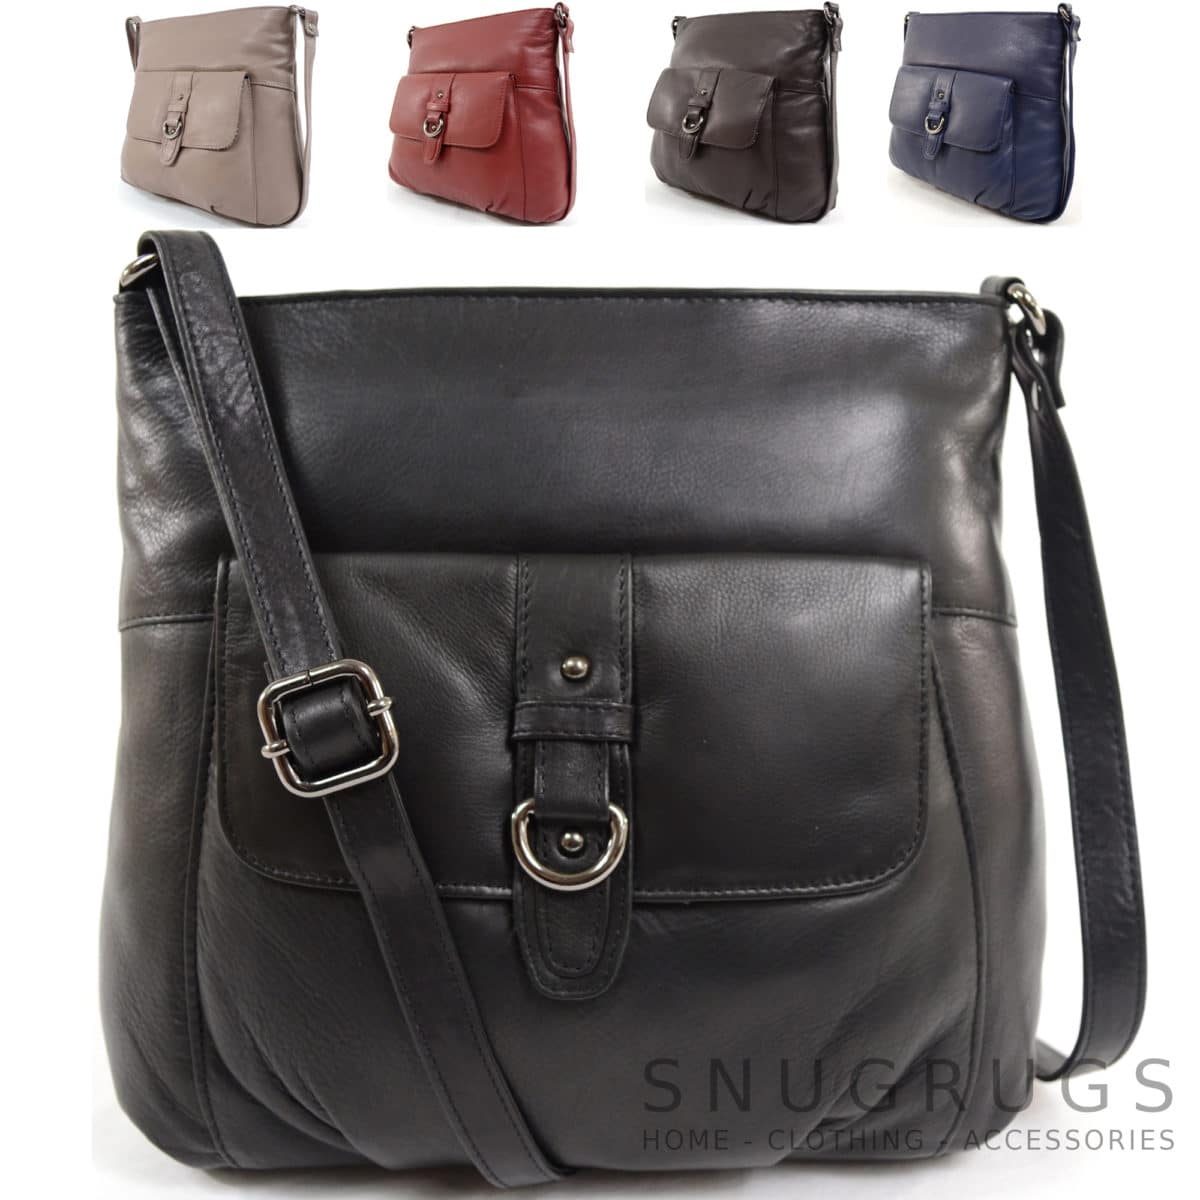 Jackie – Soft Leather Shoulder / Cross Body Bag